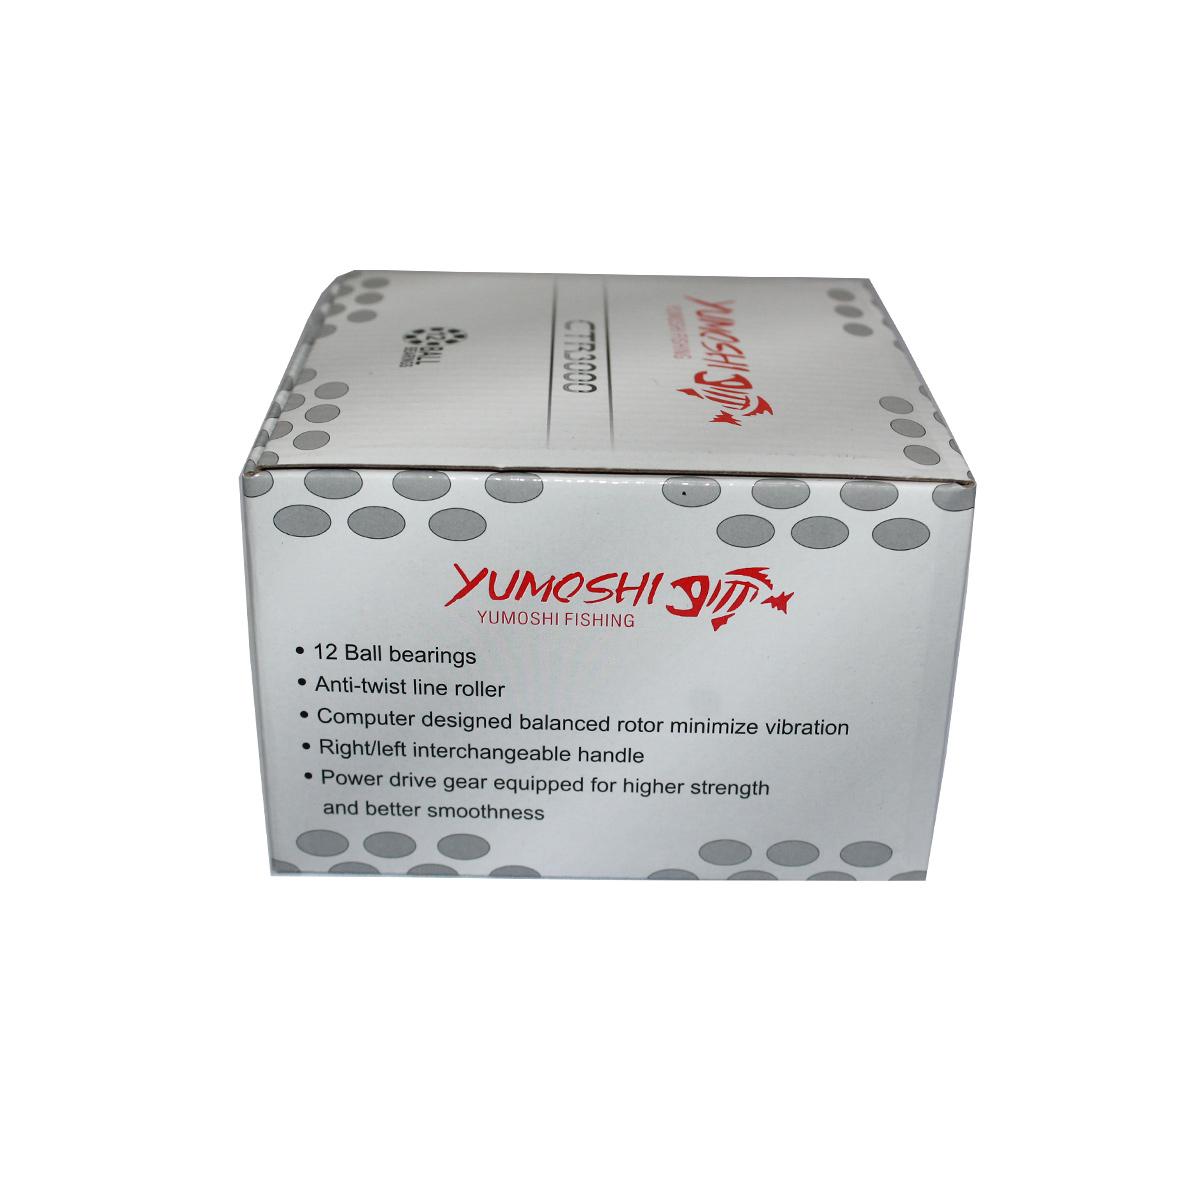 Máy Câu Cá Yumoshi CTR3000 - Chính Hãng Bảo Hành 3 Tháng